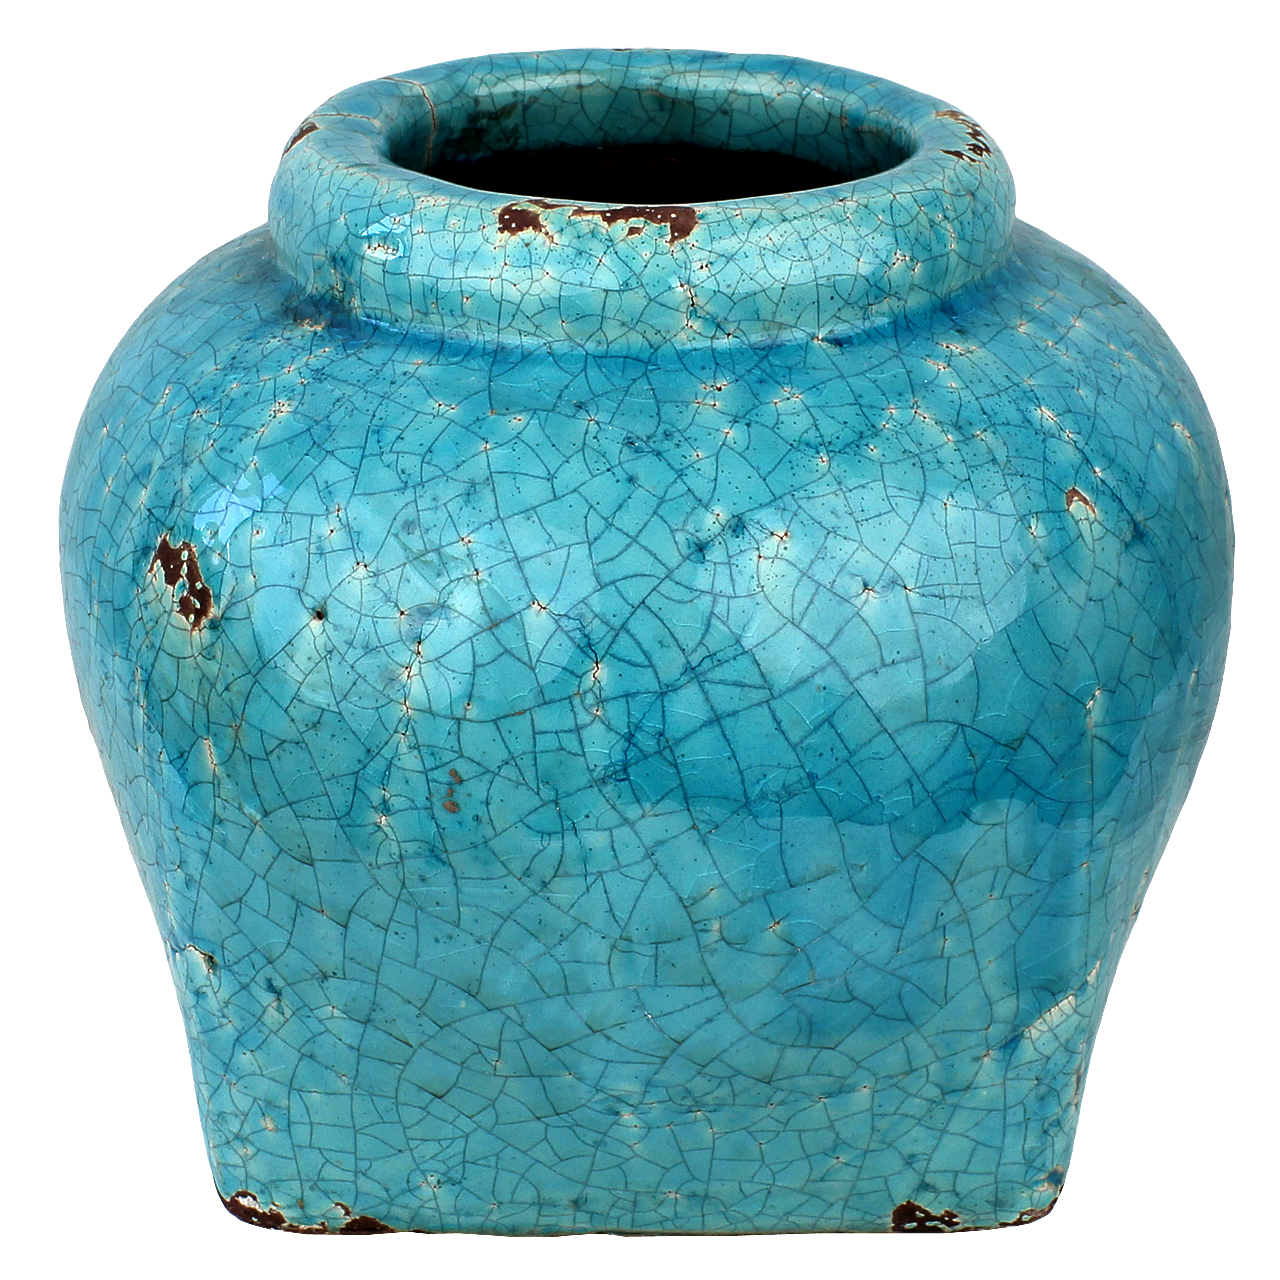 Vaza Din Ceramica Turcoaz 20 Cm